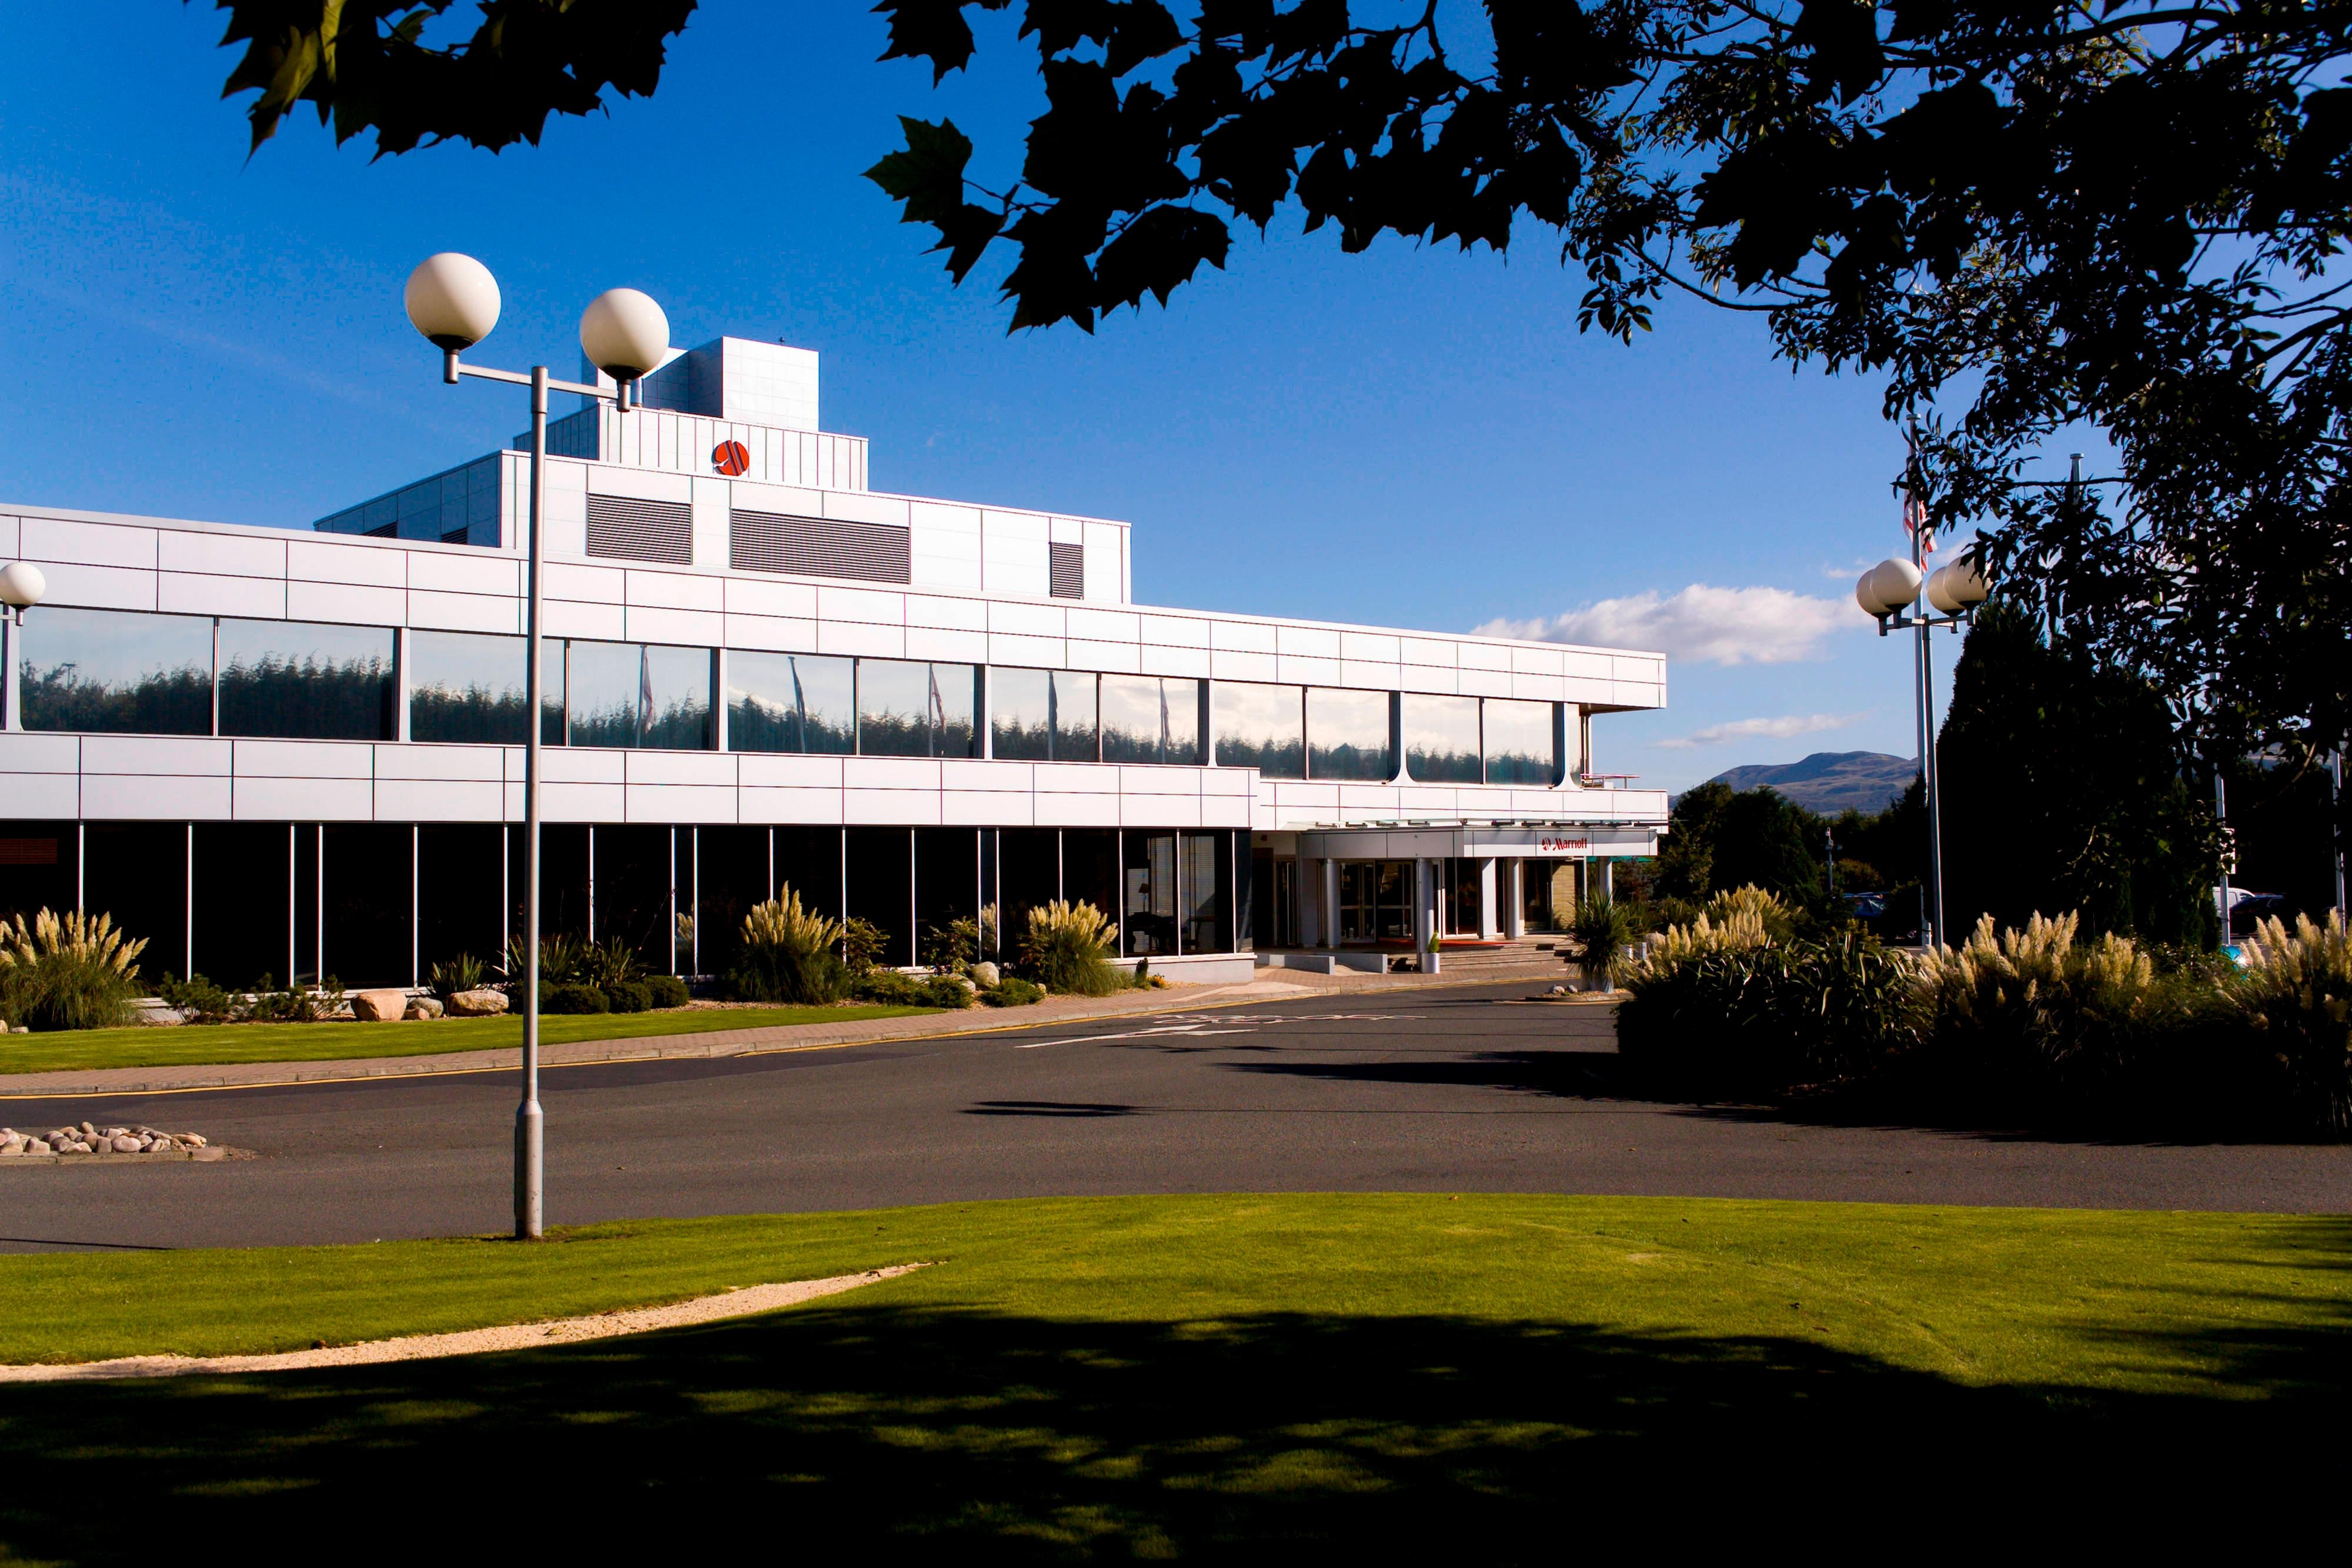 Edinburgh Marriott Hotel Exterior Image